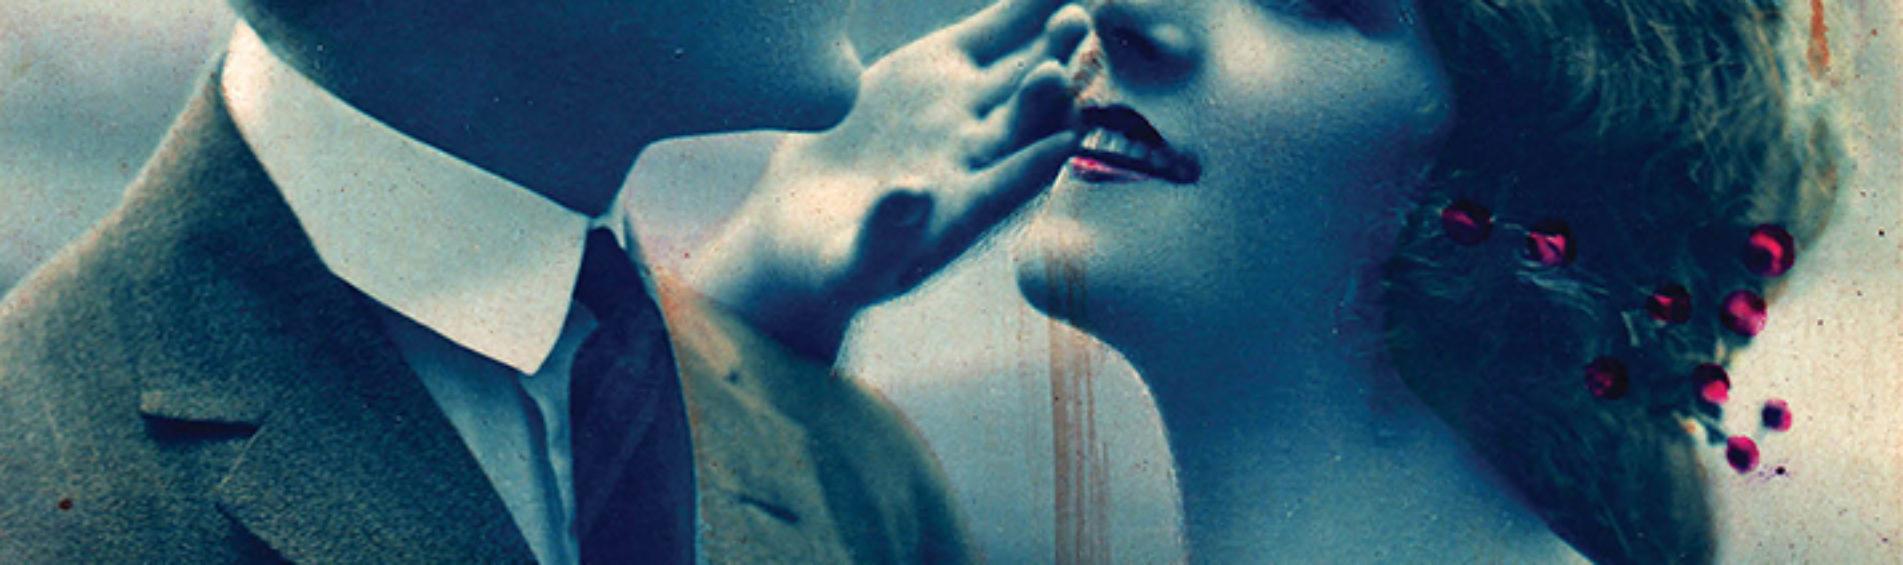 Alessio Arena presenta il libro 'La notte non vuole venire'